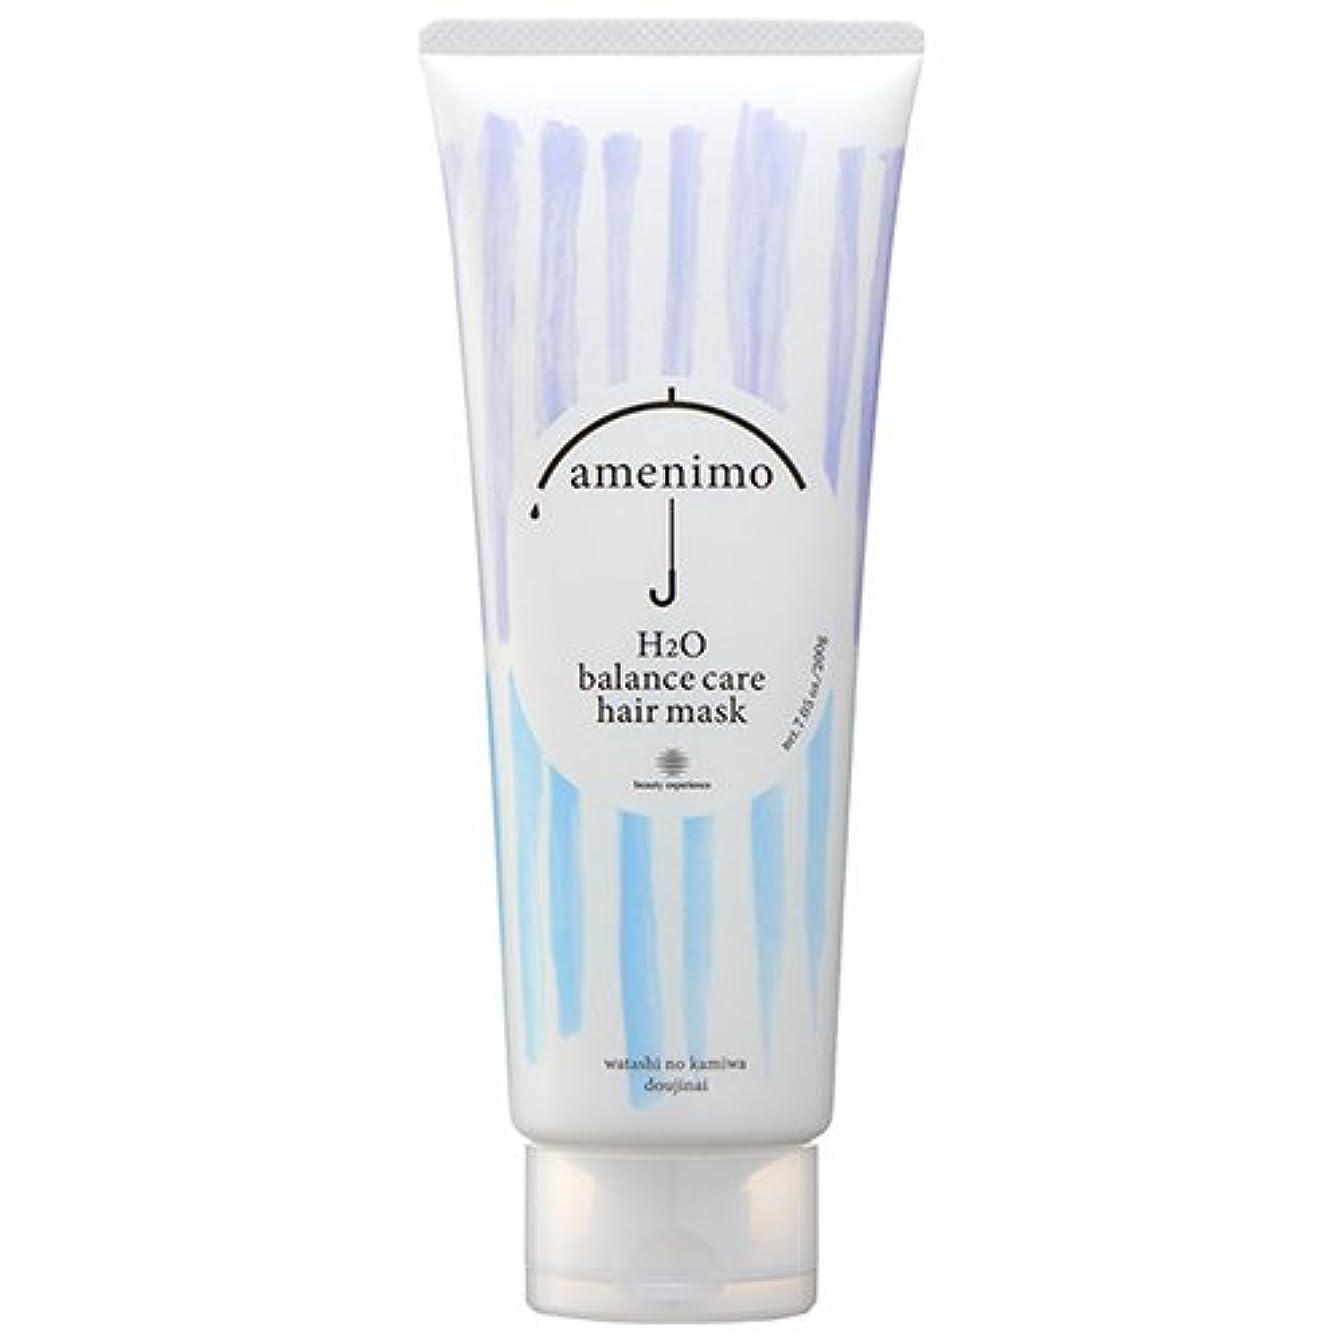 有効インクフォーマルamenimo(アメニモ) H2O バランスケア ヘアマスク 200g